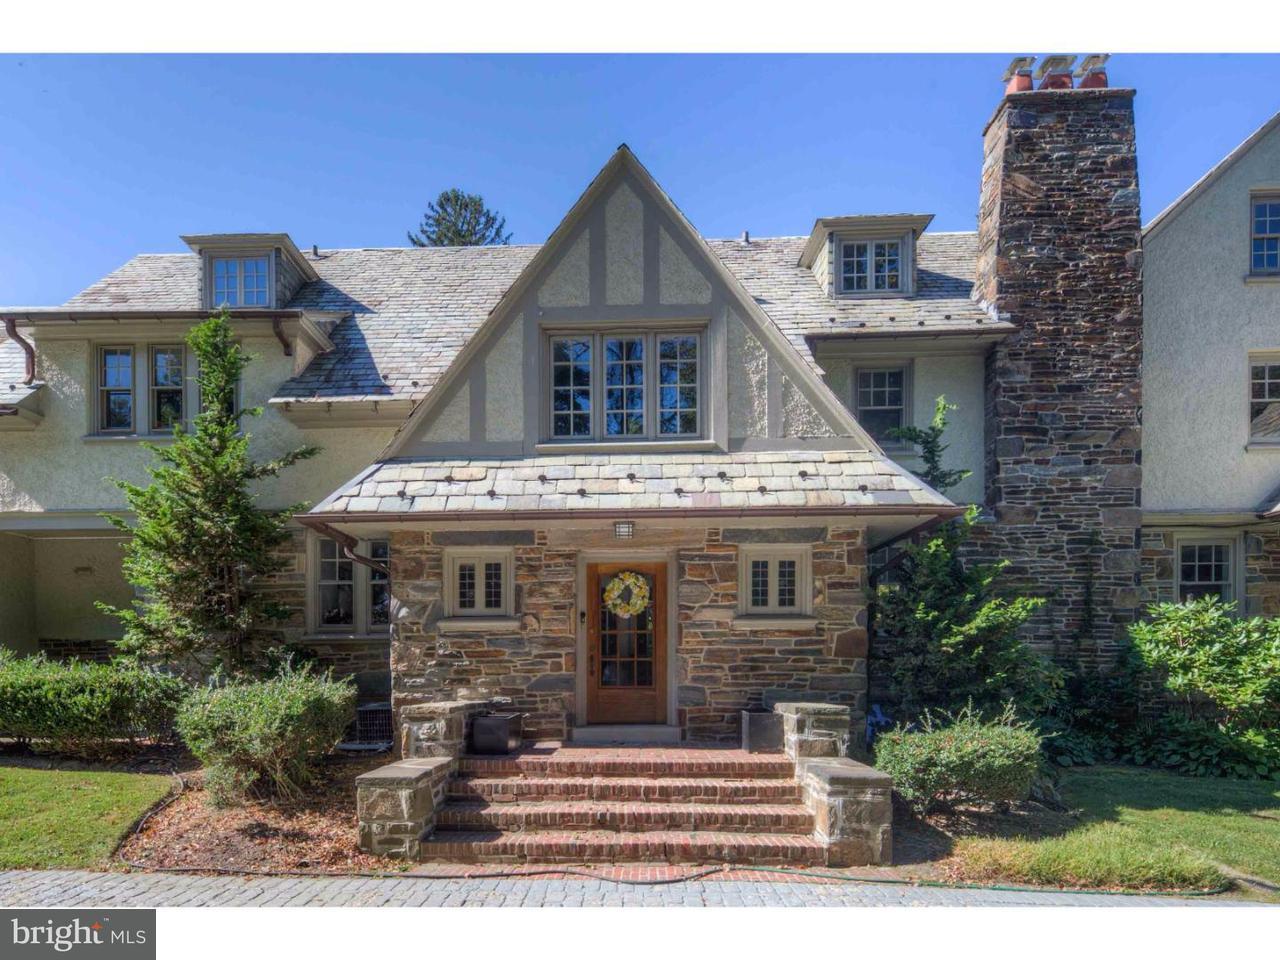 独户住宅 为 出租 在 601 COLLEGE Avenue 哈弗福德, 宾夕法尼亚州 19041 美国